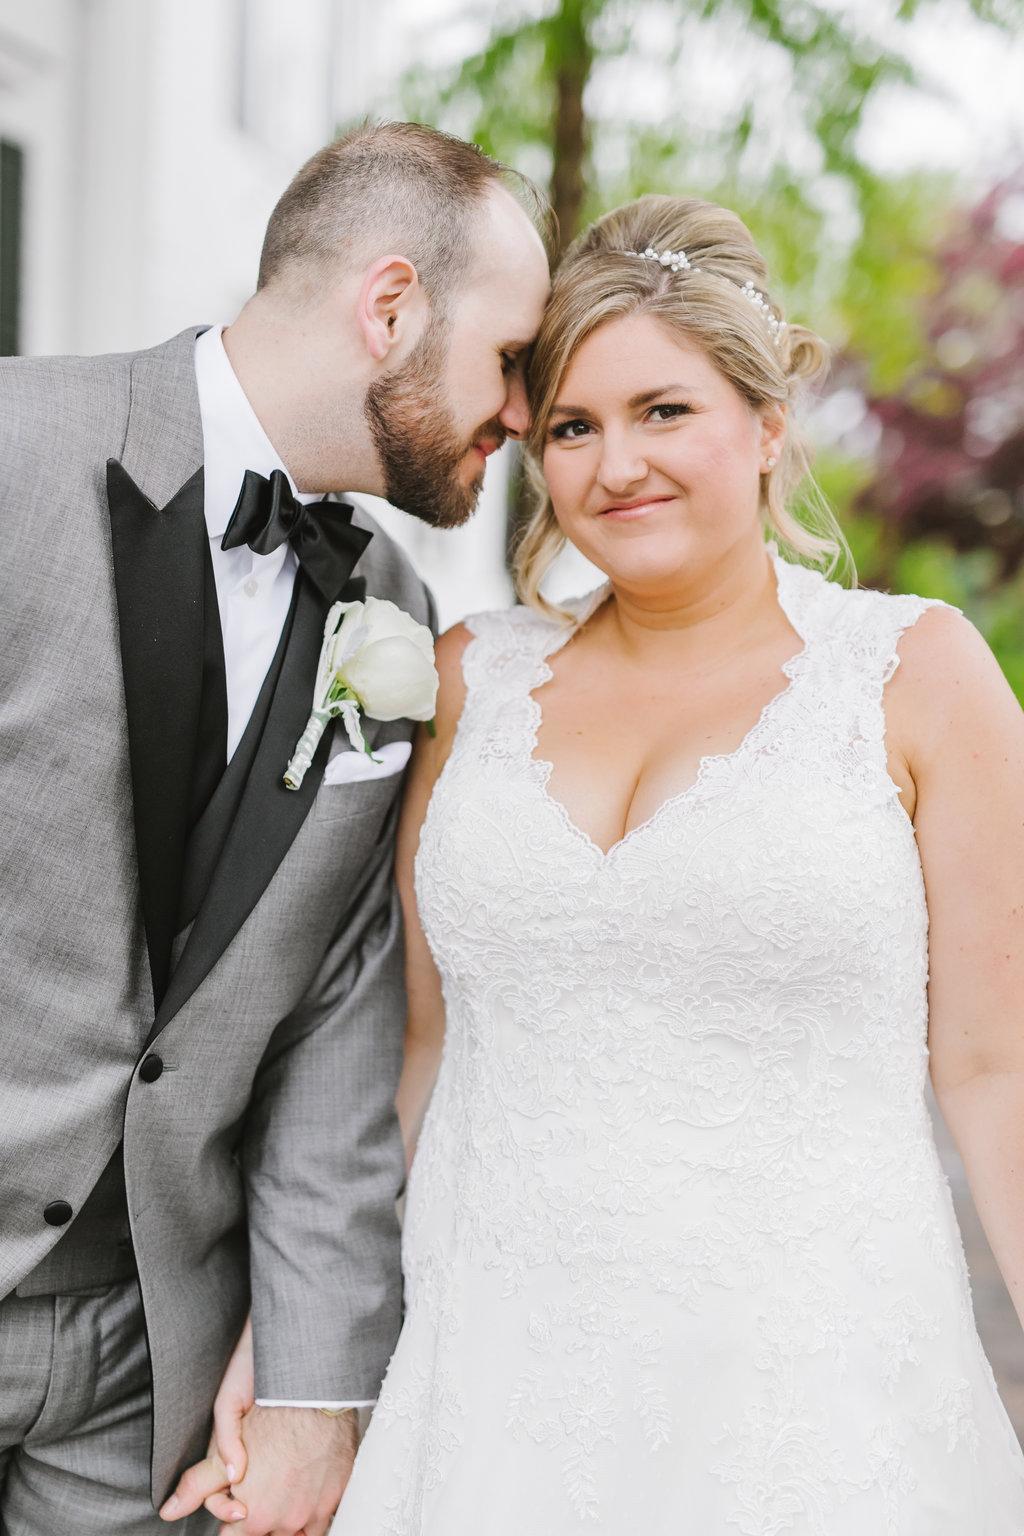 Melissa+MattWedding-EmilyTebbettsPhotography-243.jpg